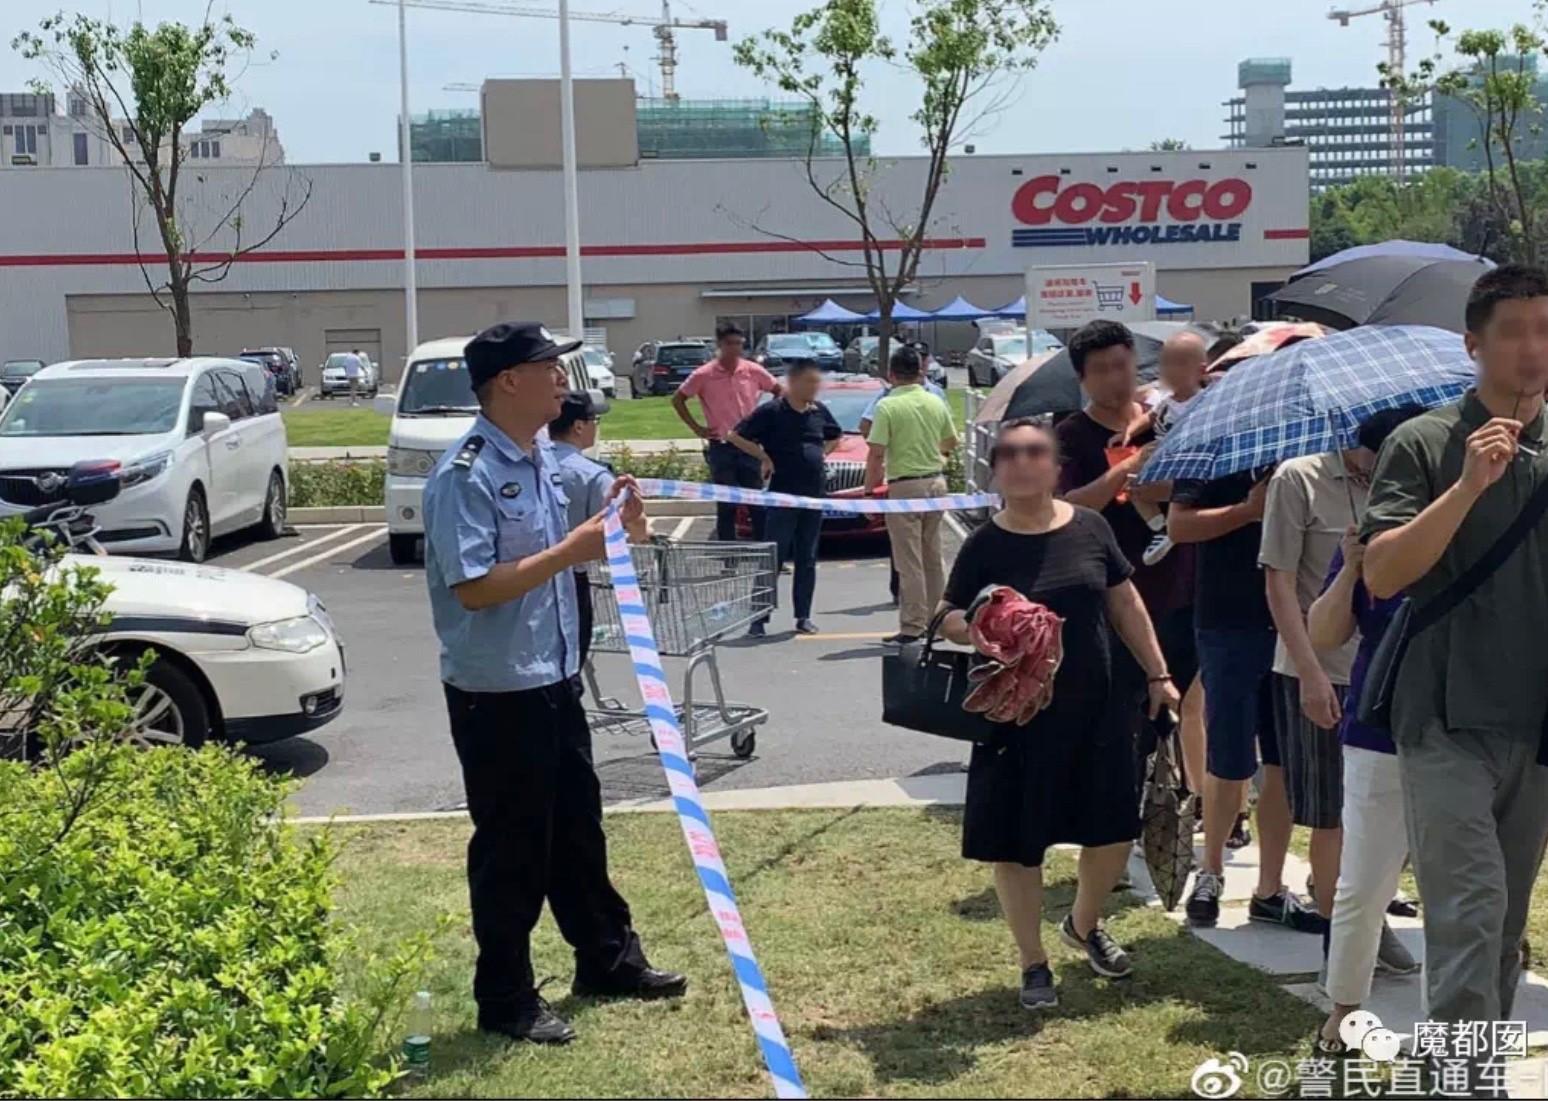 2019年8月27日,开市客(Costco)开店当天,保安员正在疏导人流。(微博图片/乔龙提供)